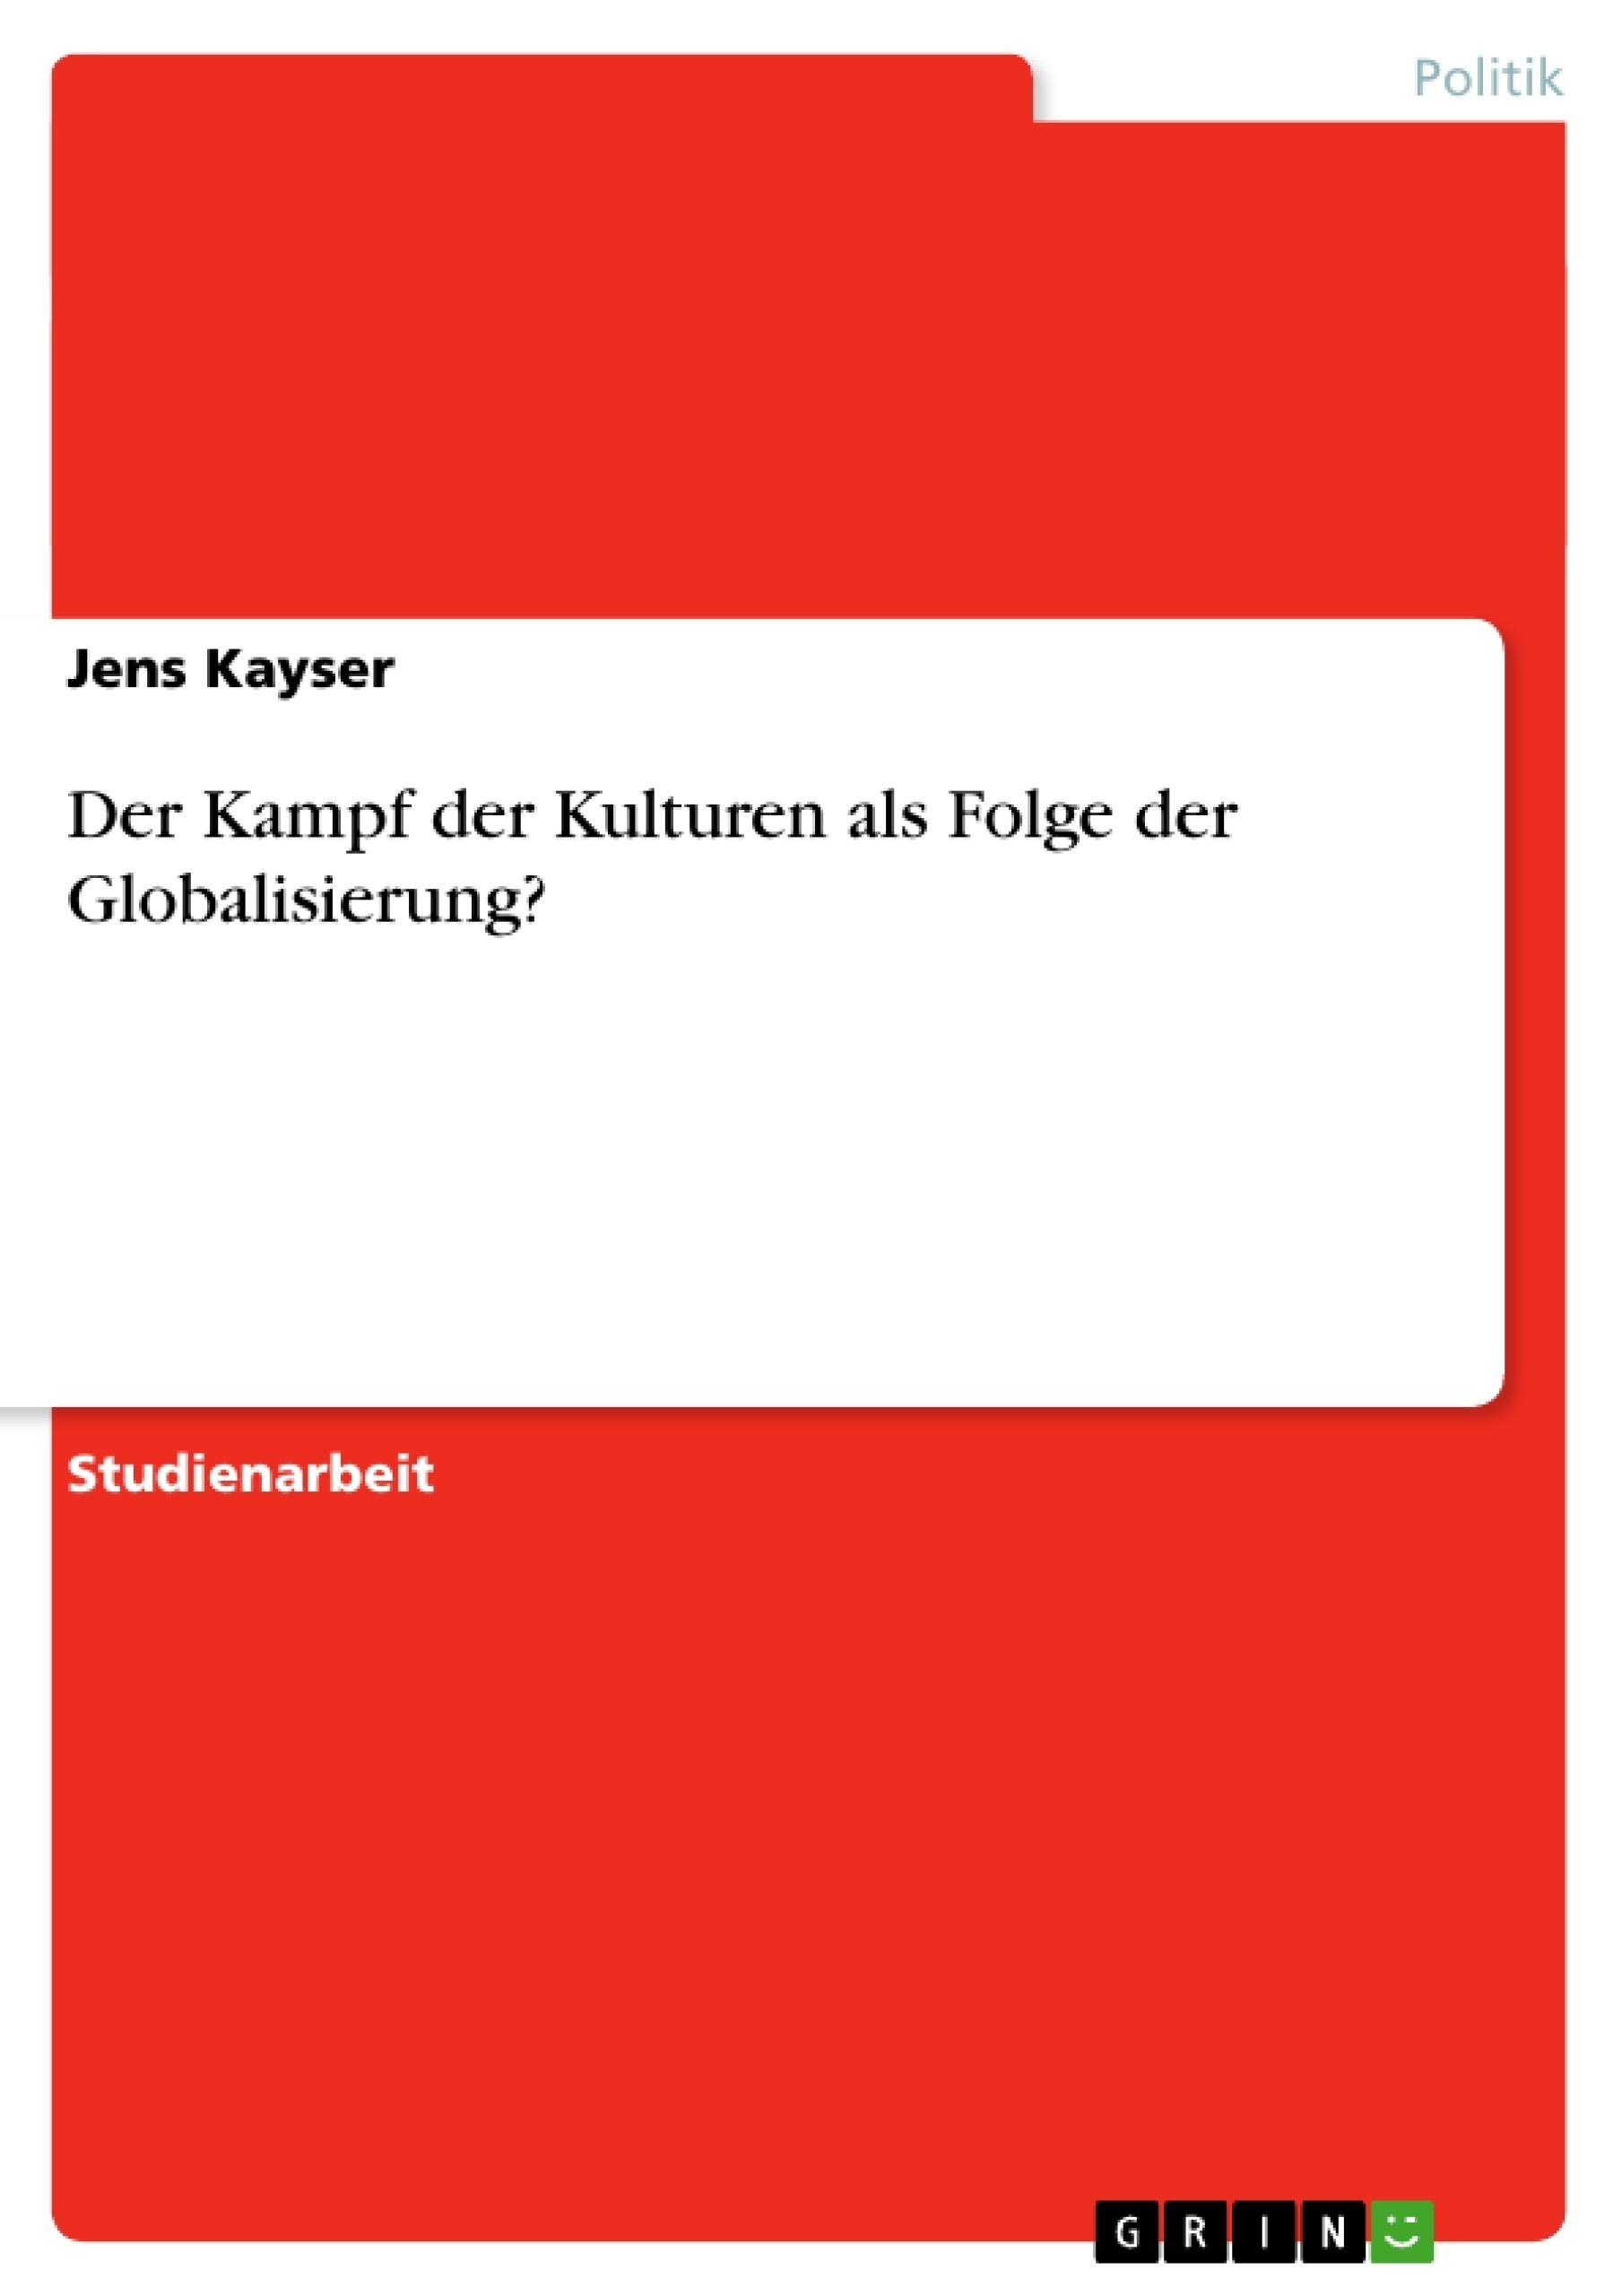 Titel: Der Kampf der Kulturen als Folge der Globalisierung?